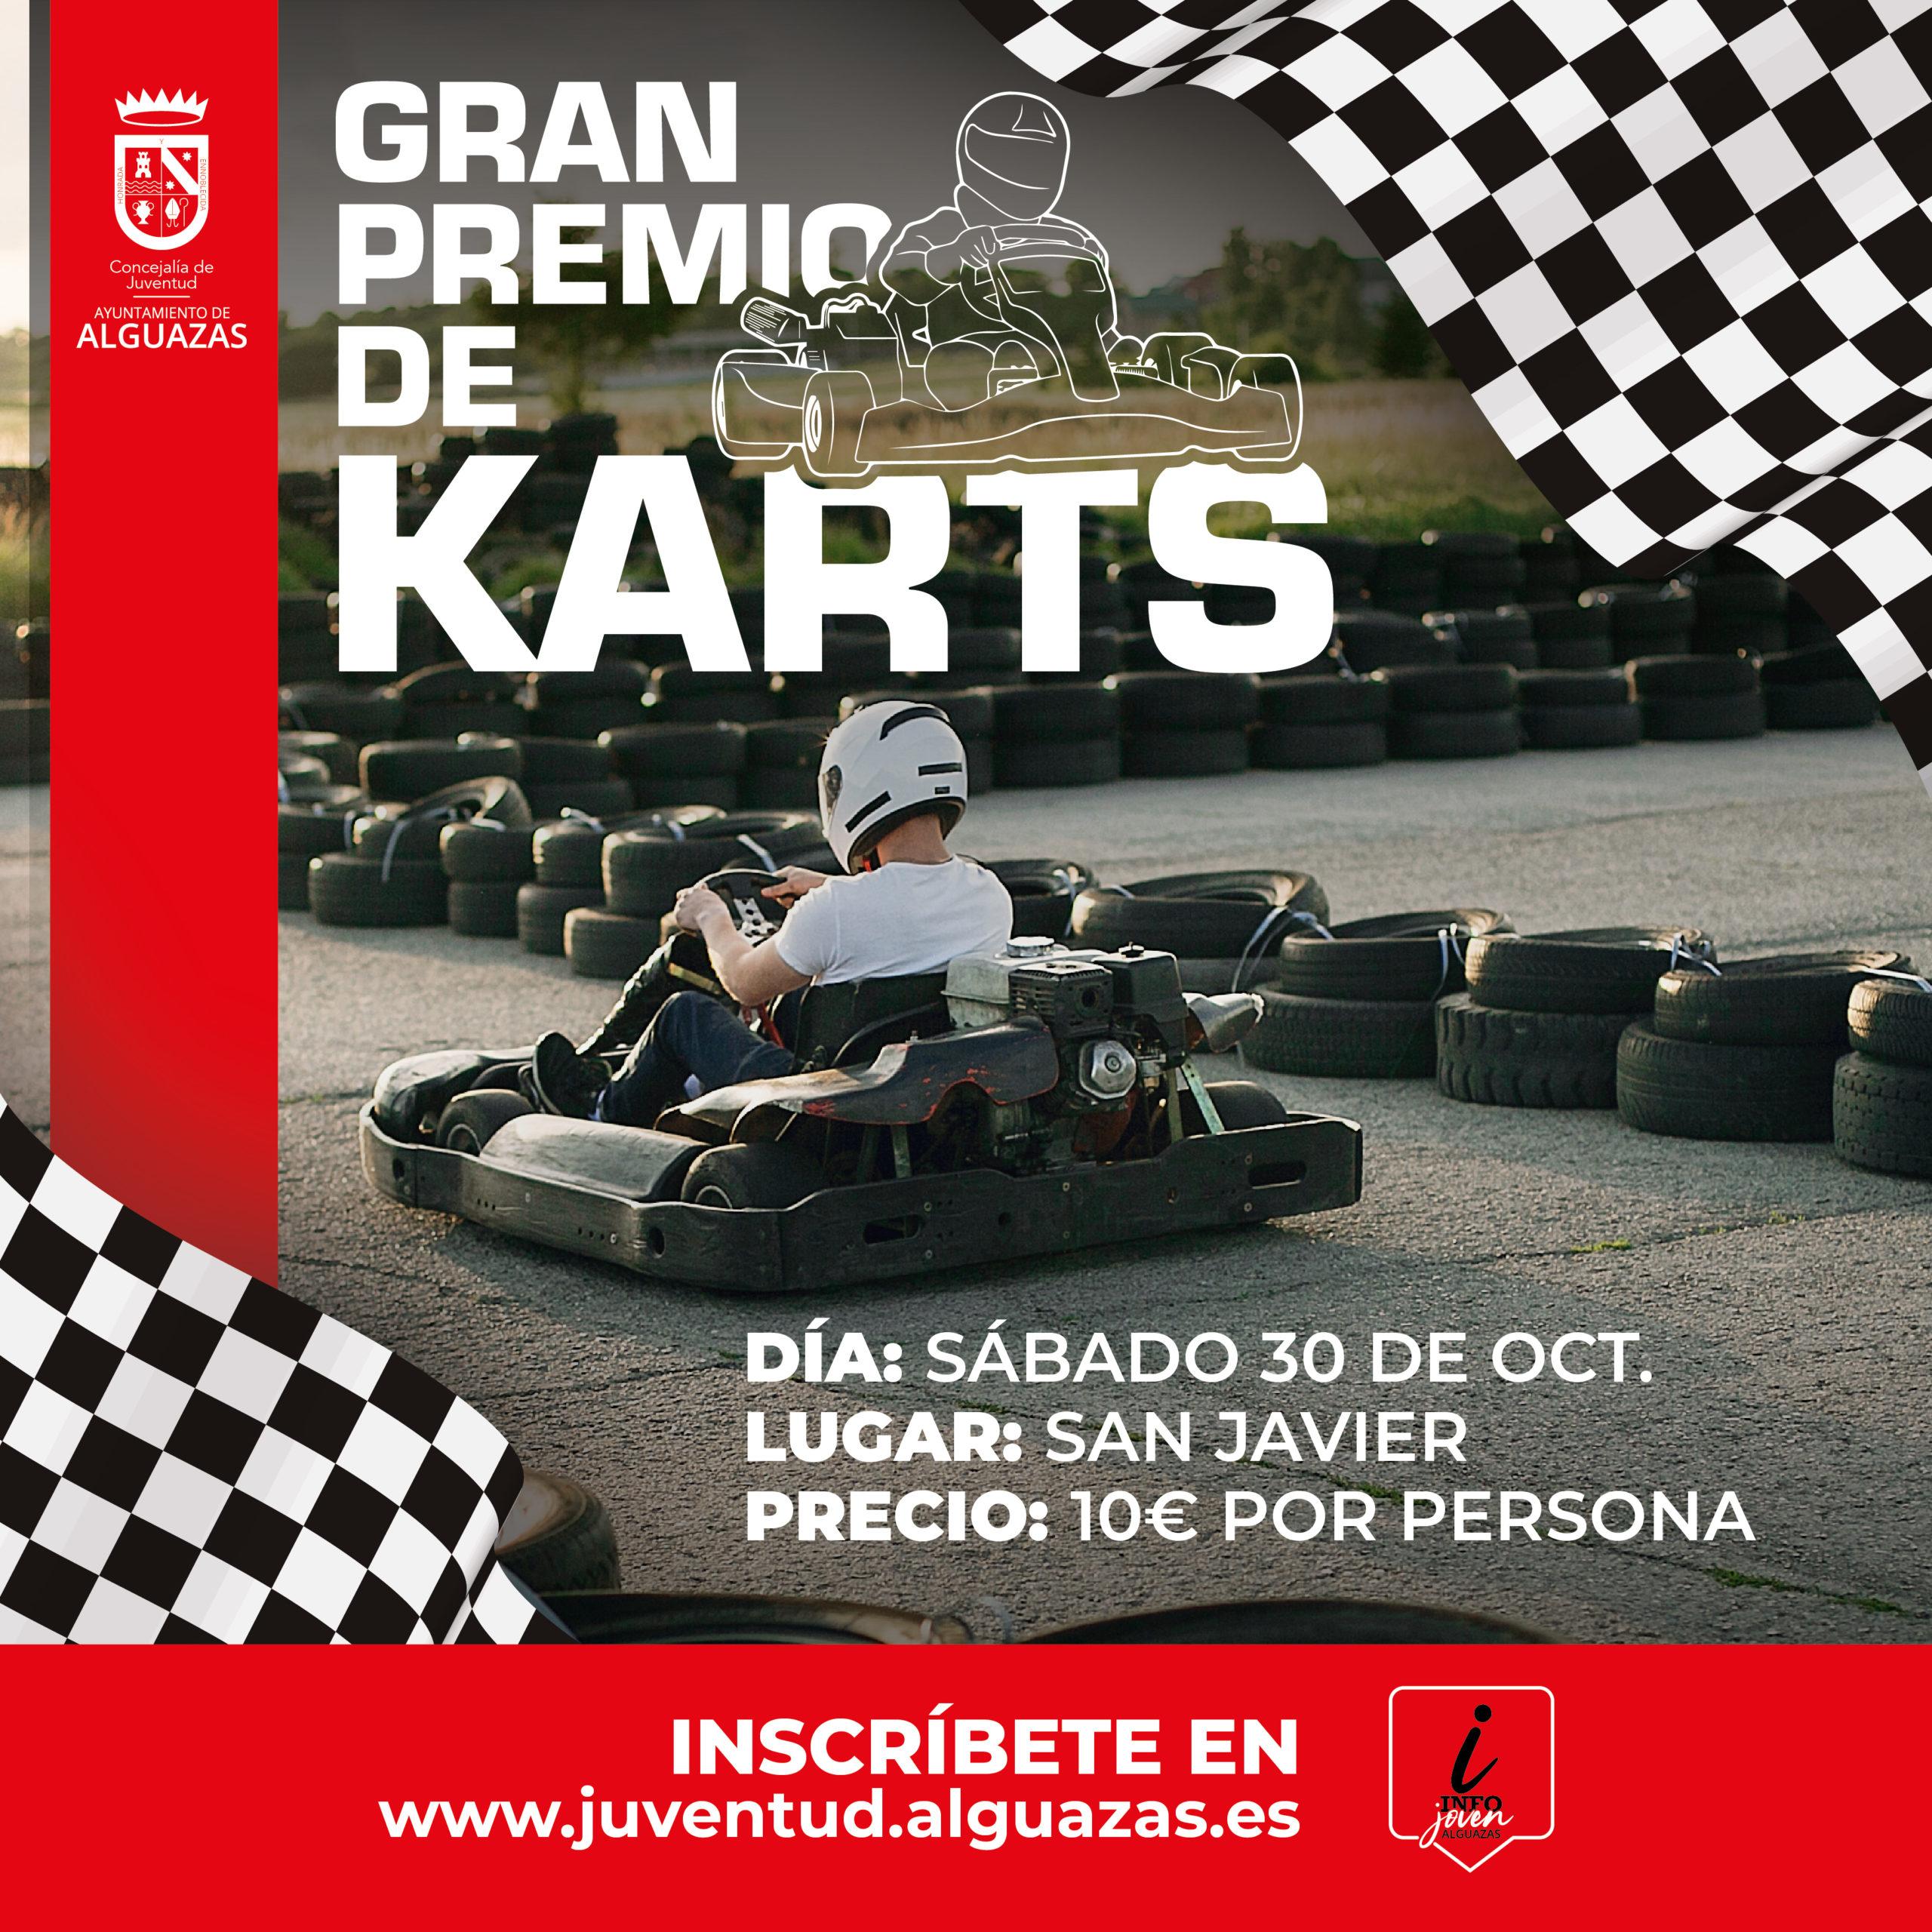 Gran Premio de Karts